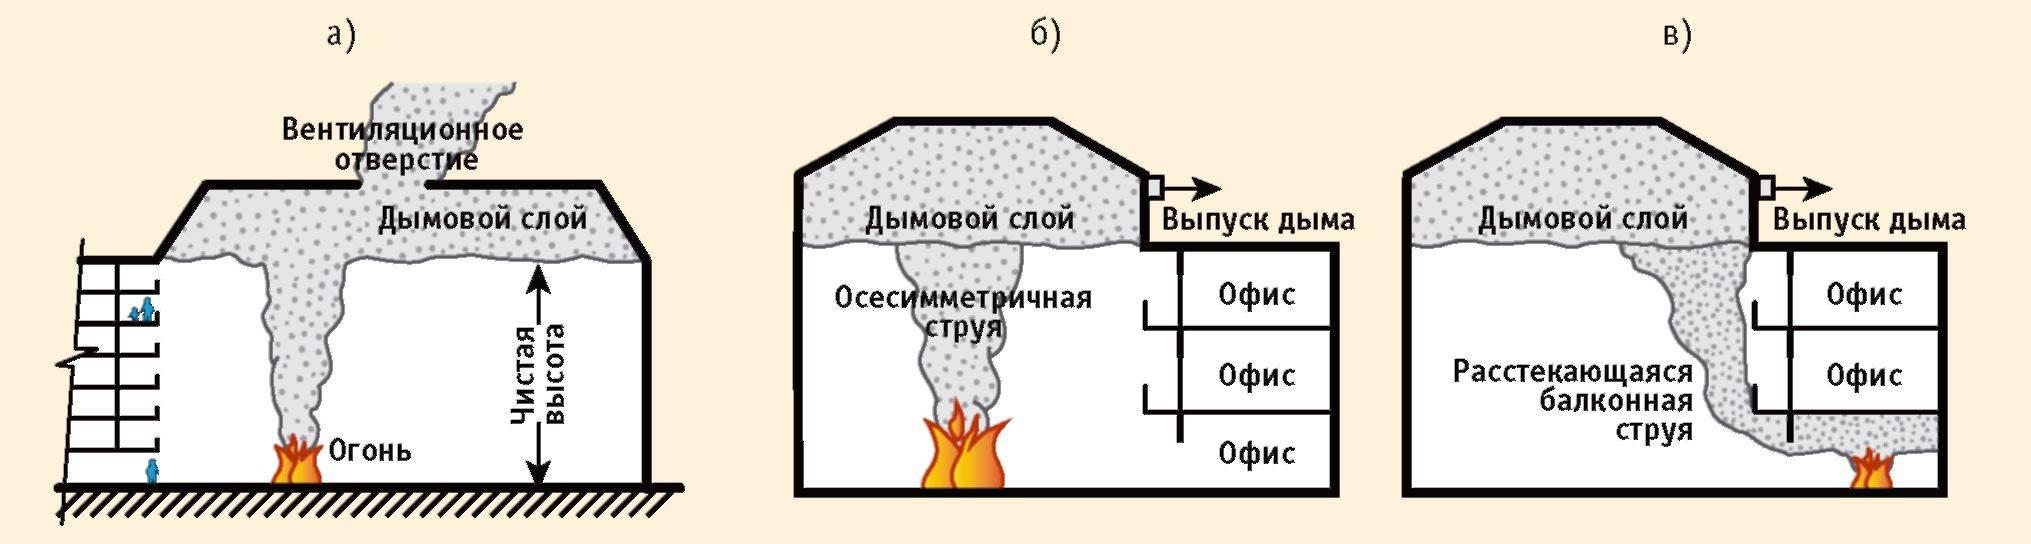 Что такое система дымоудаления (противодымная вентиляция)